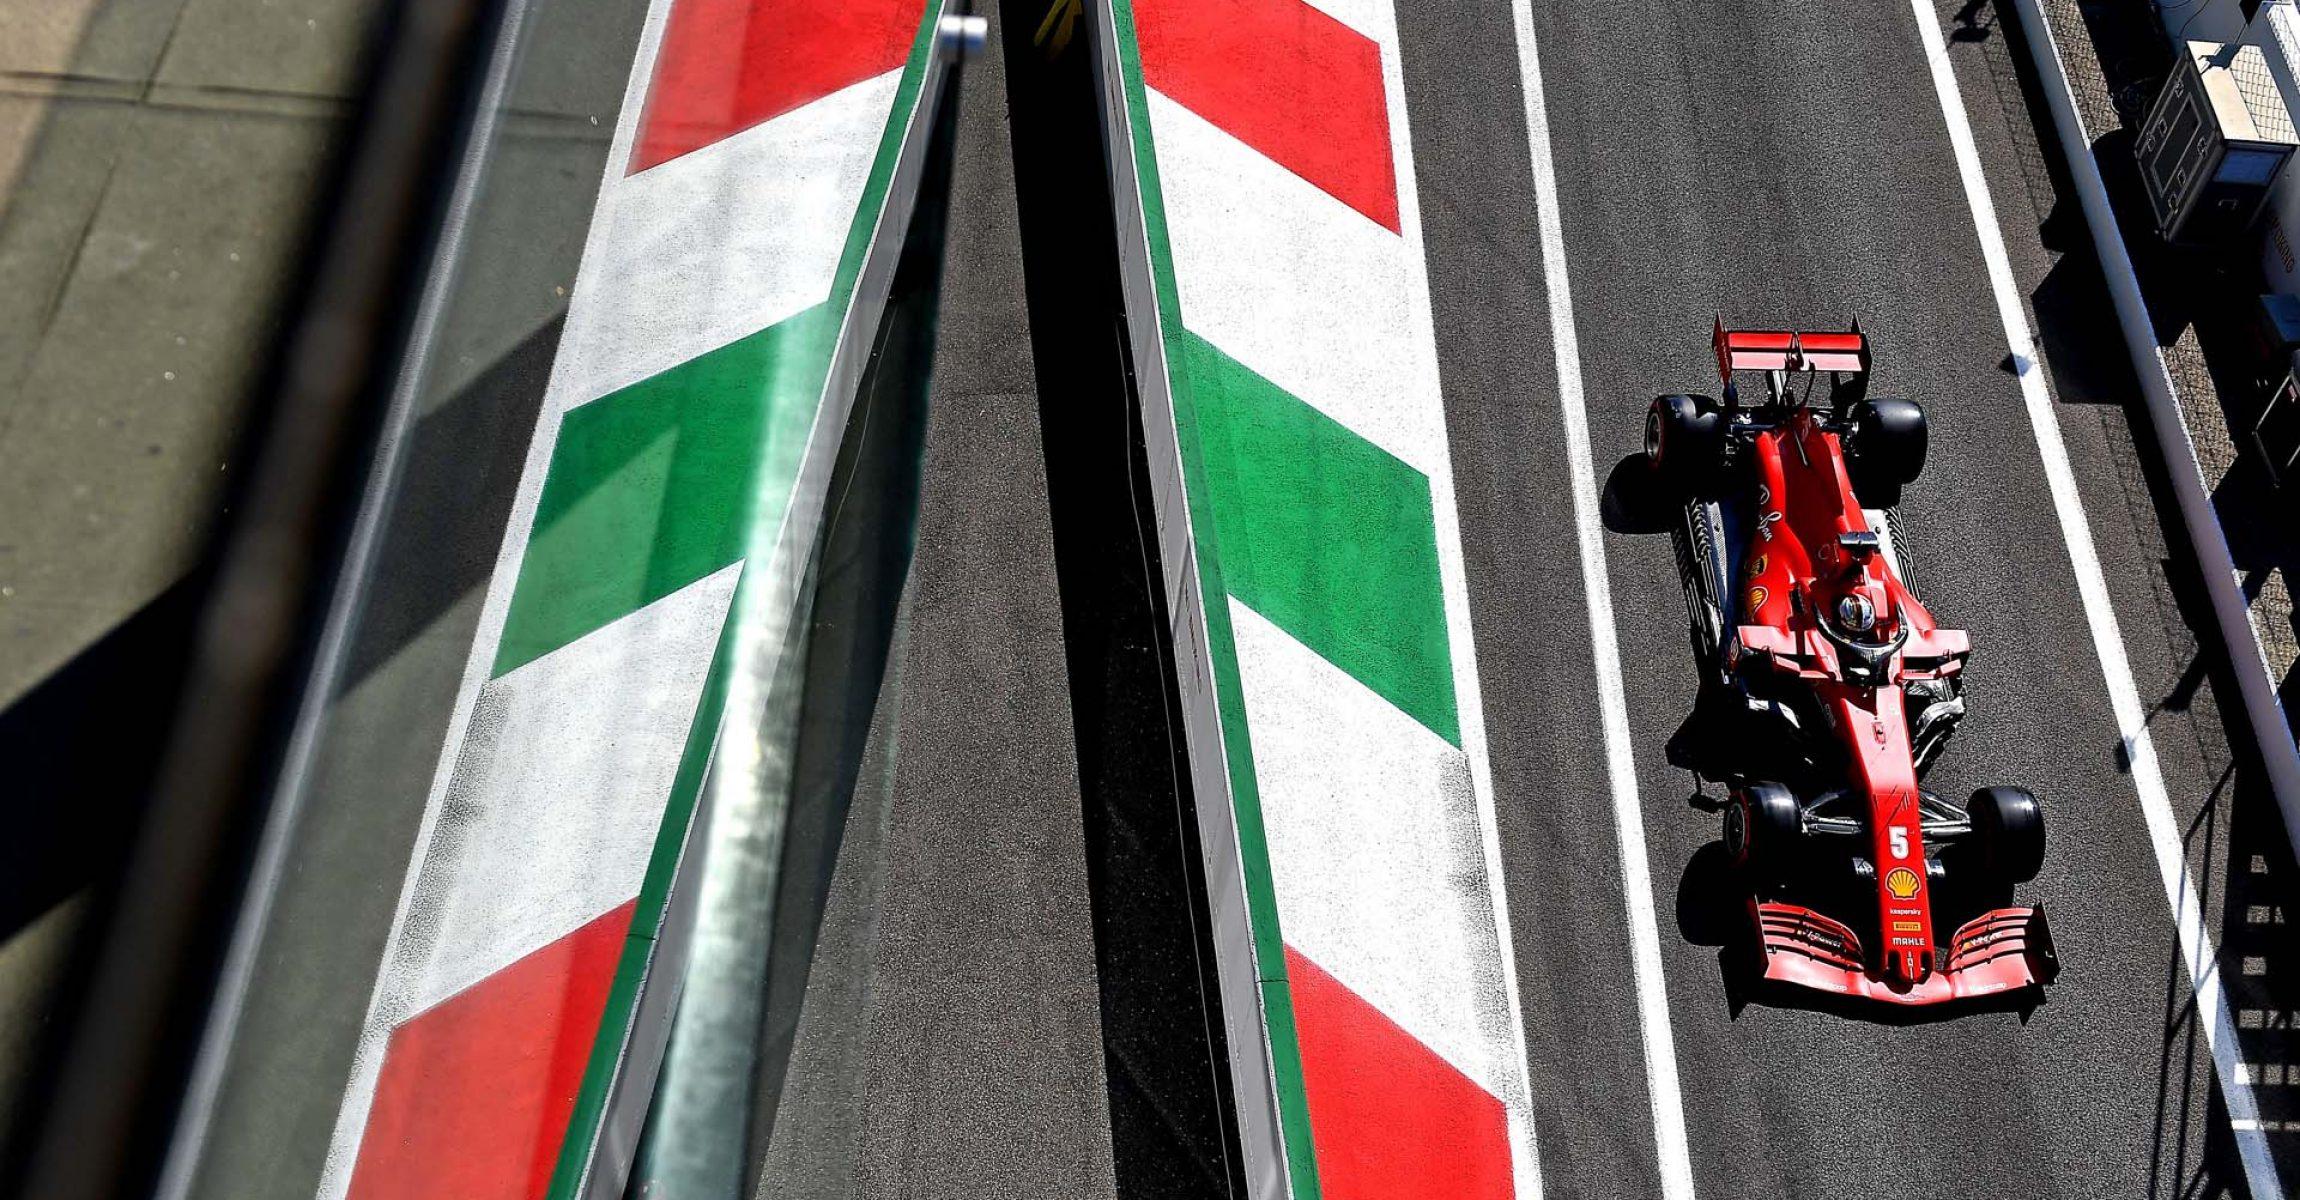 GP ITALIA F1/2020 -  SABATO 05/09/2020   credit: @Scuderia Ferrari Press Office Sebastian Vettel